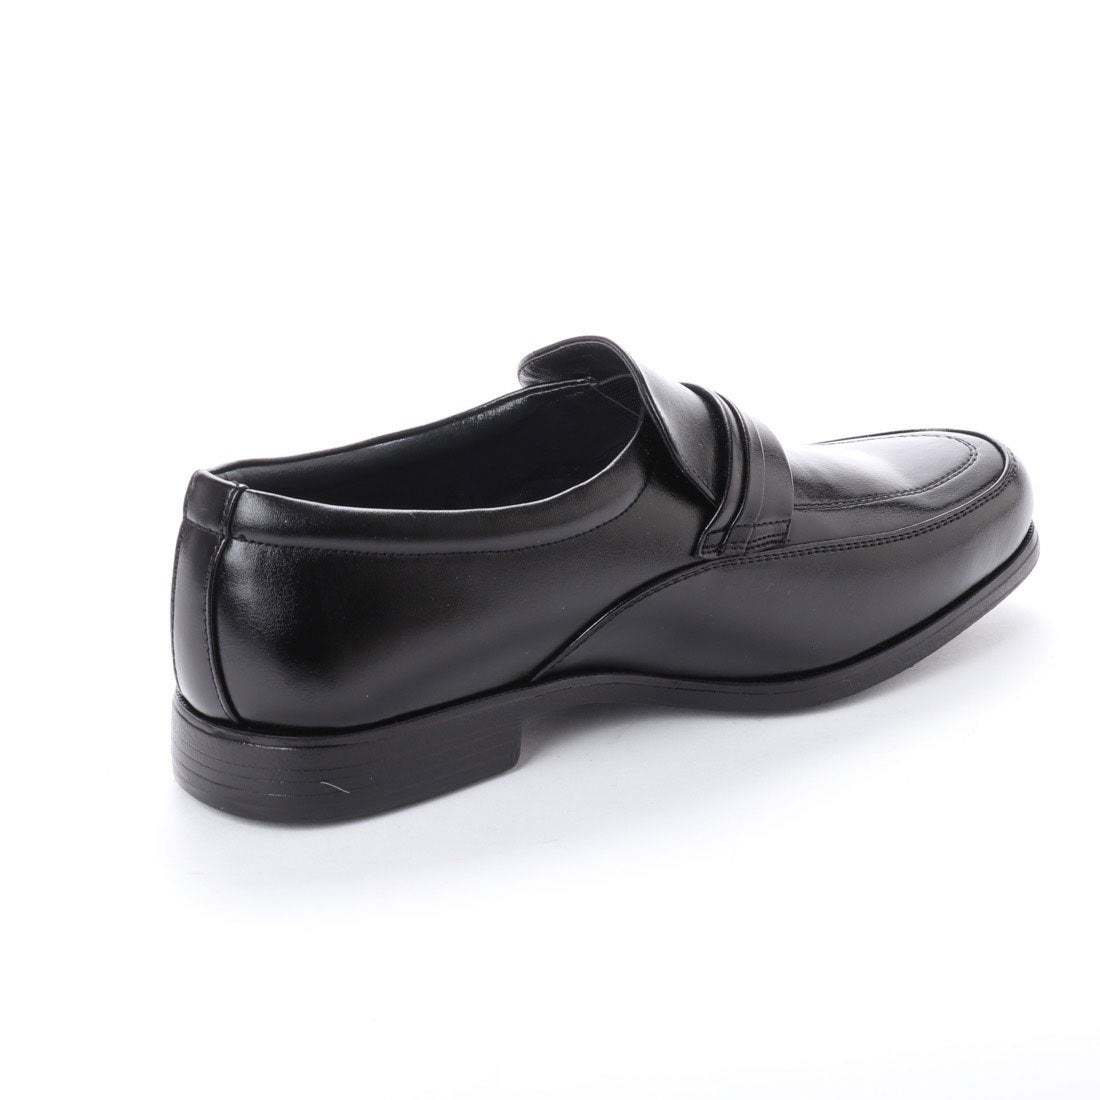 【安い】 超軽量 紳士靴 メンズ ビジネスシューズ スリッポン ウォーキングシューズ 幅広 4E 抗菌 防臭 1013 ブラック 黒 25.5cm